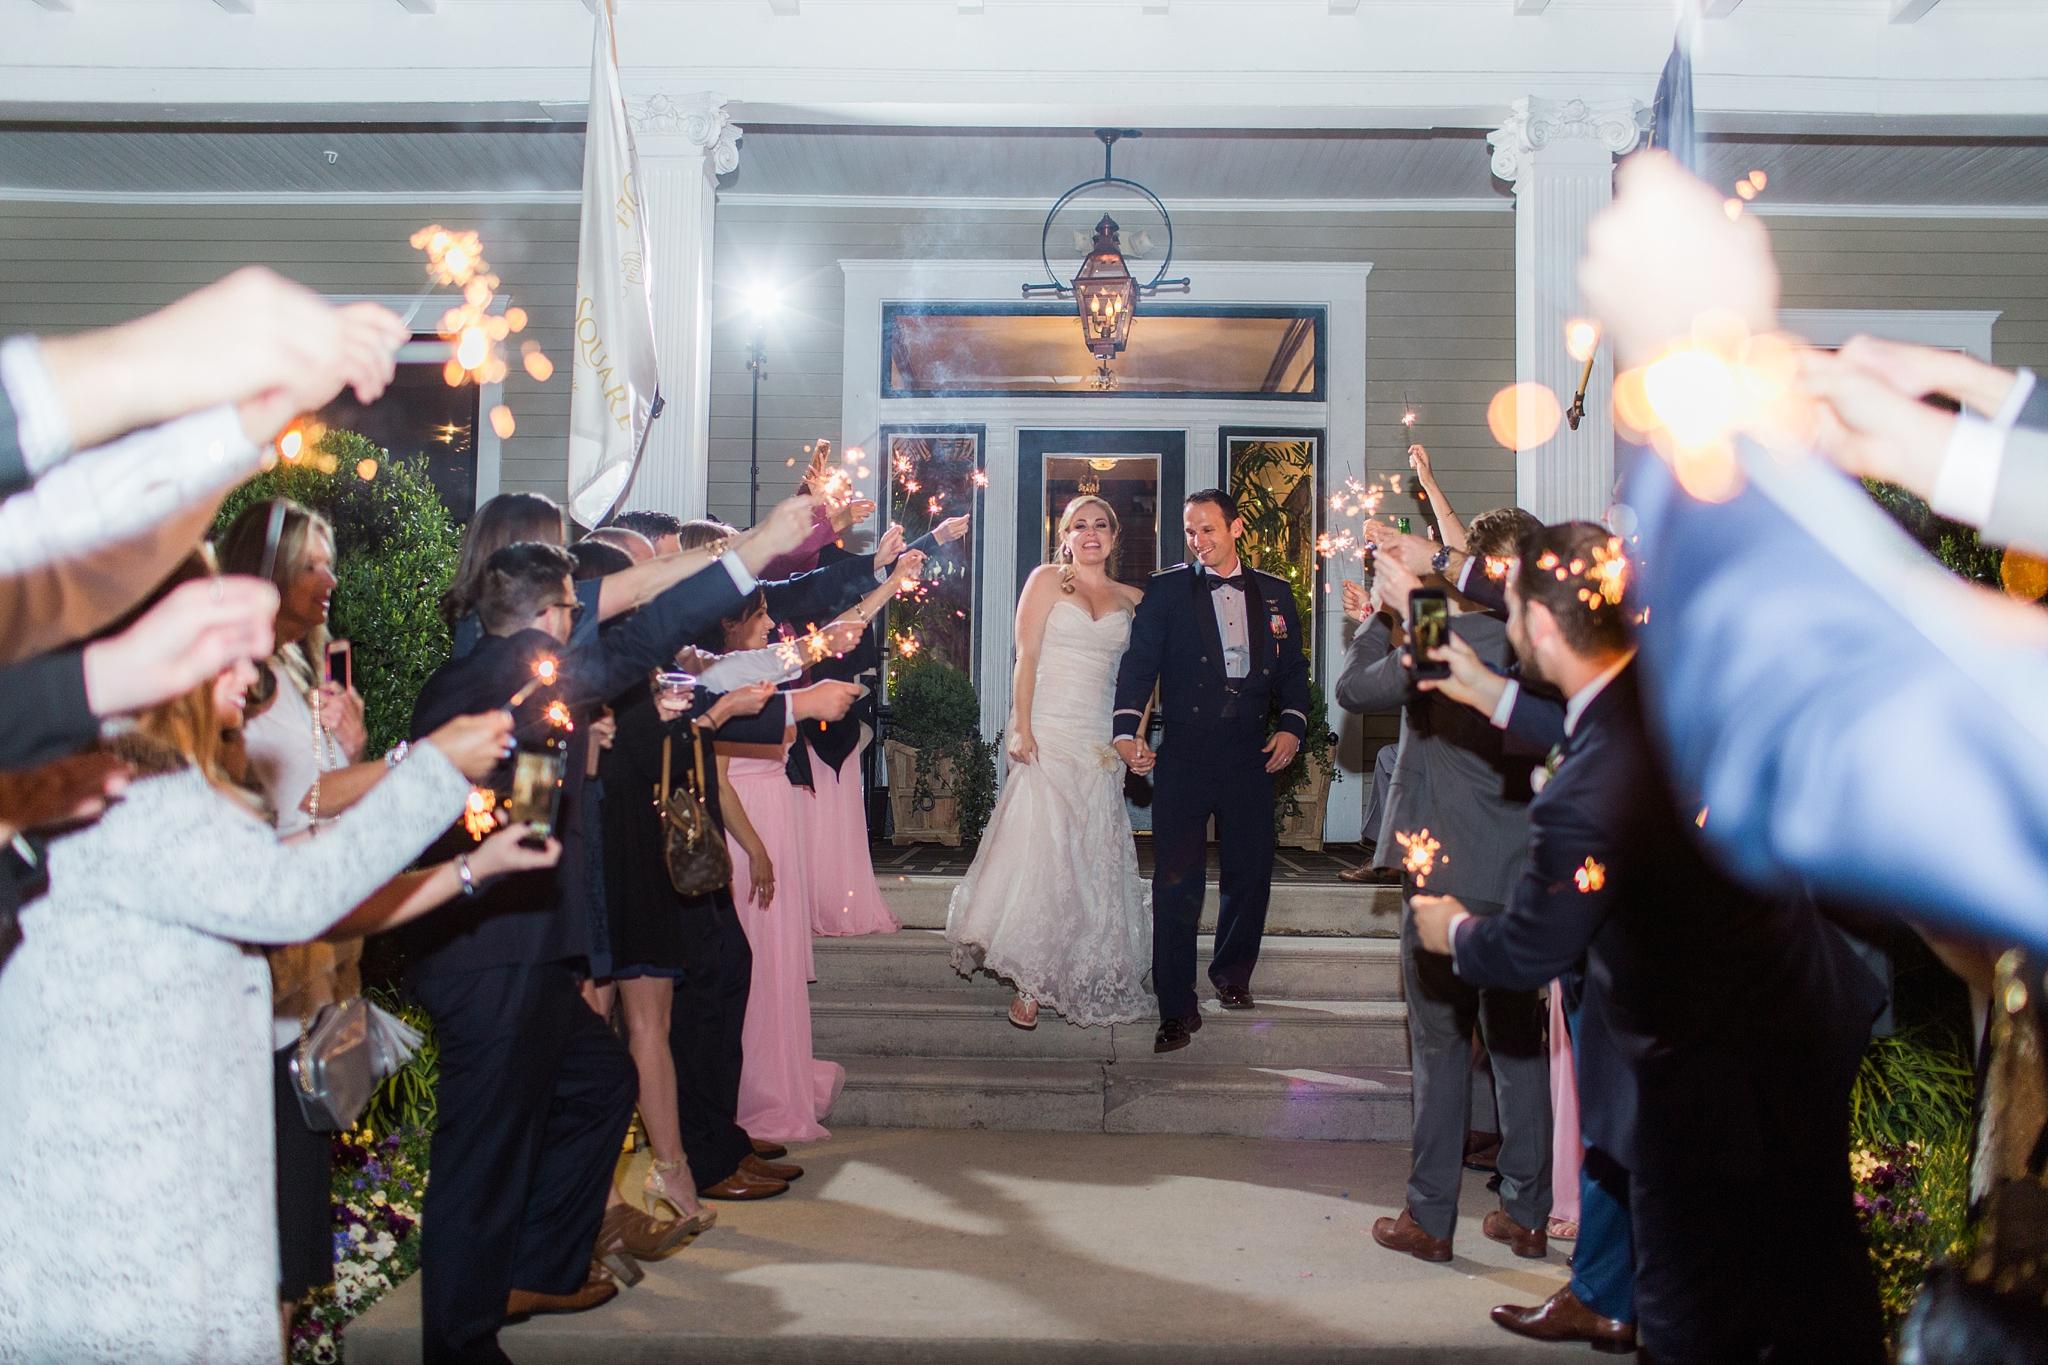 wedding-sparkler-exit-nashville.jpg